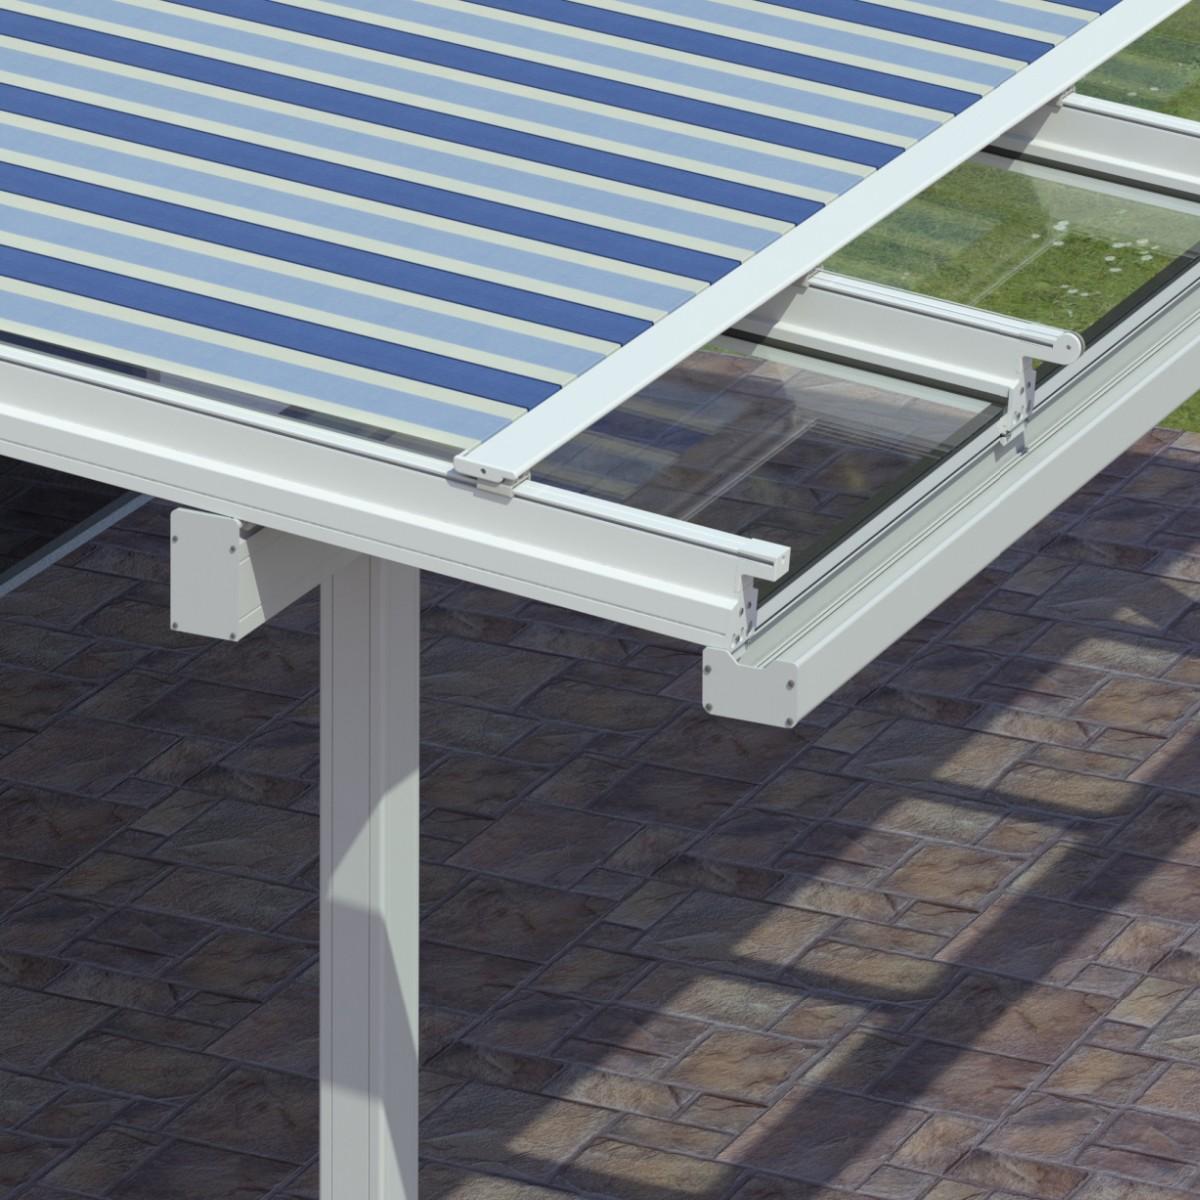 Murano Integrale Overhang Тип С выступом